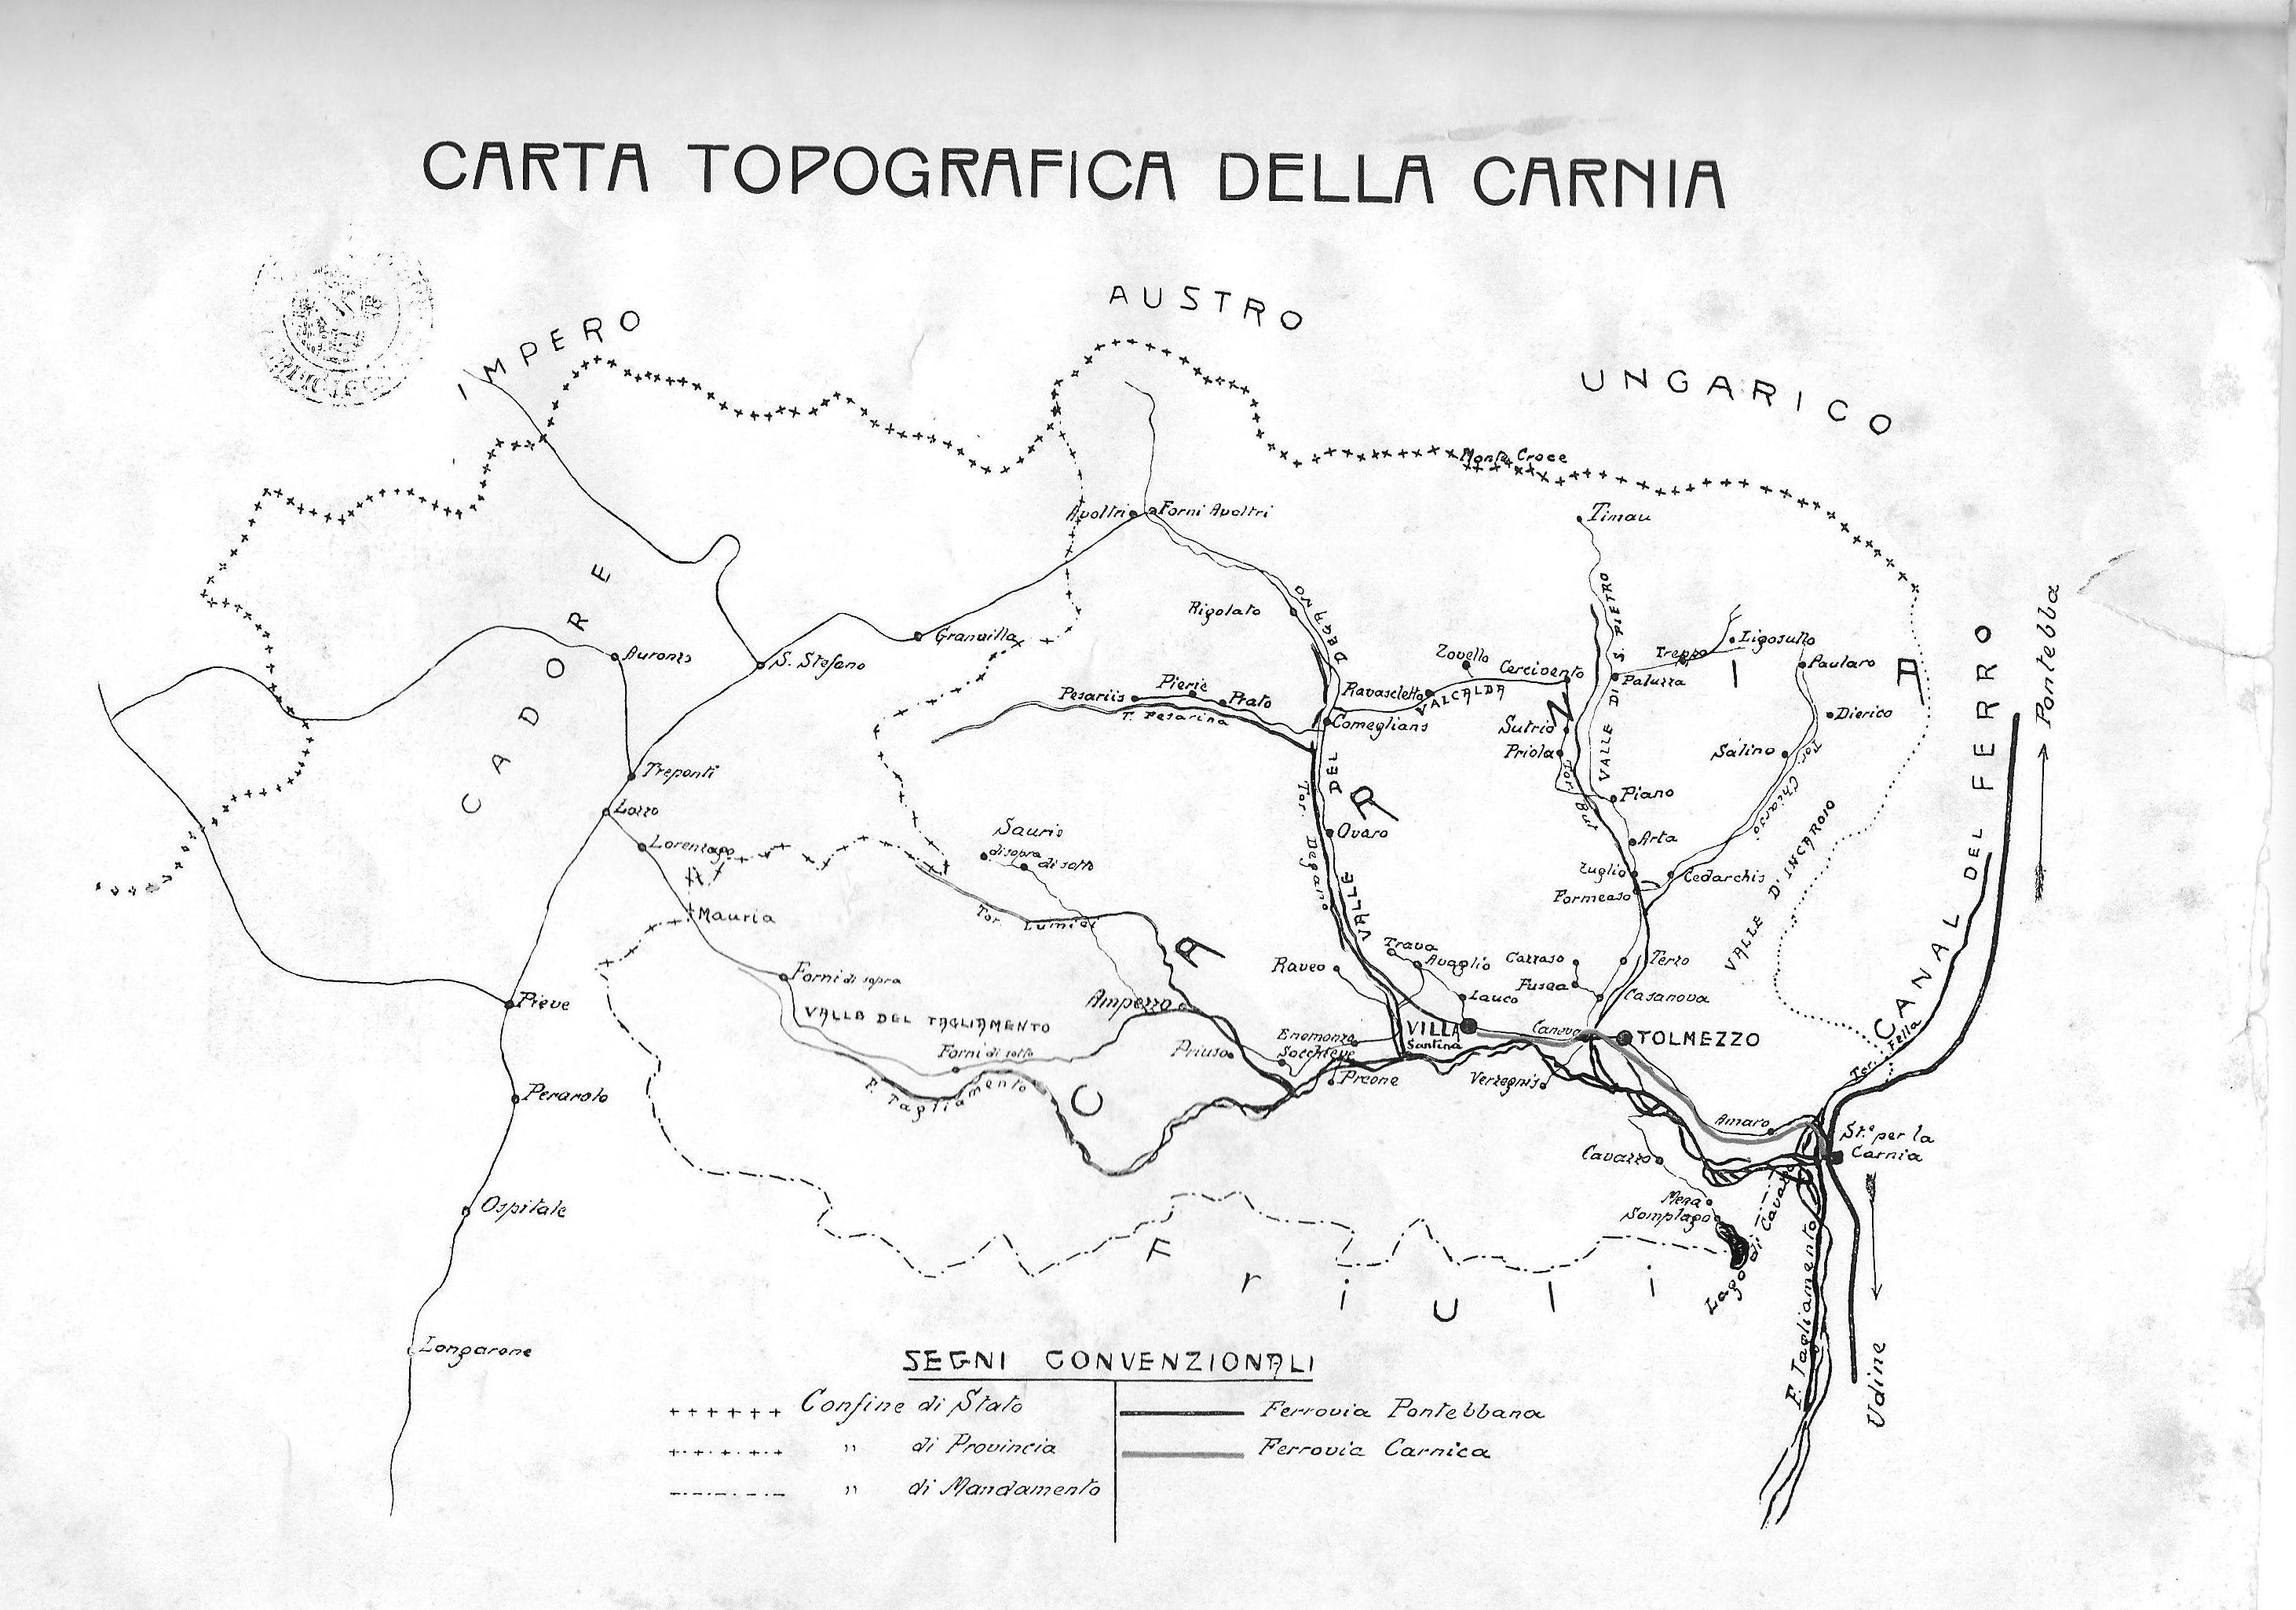 Mappa ferroviaria della Carnia